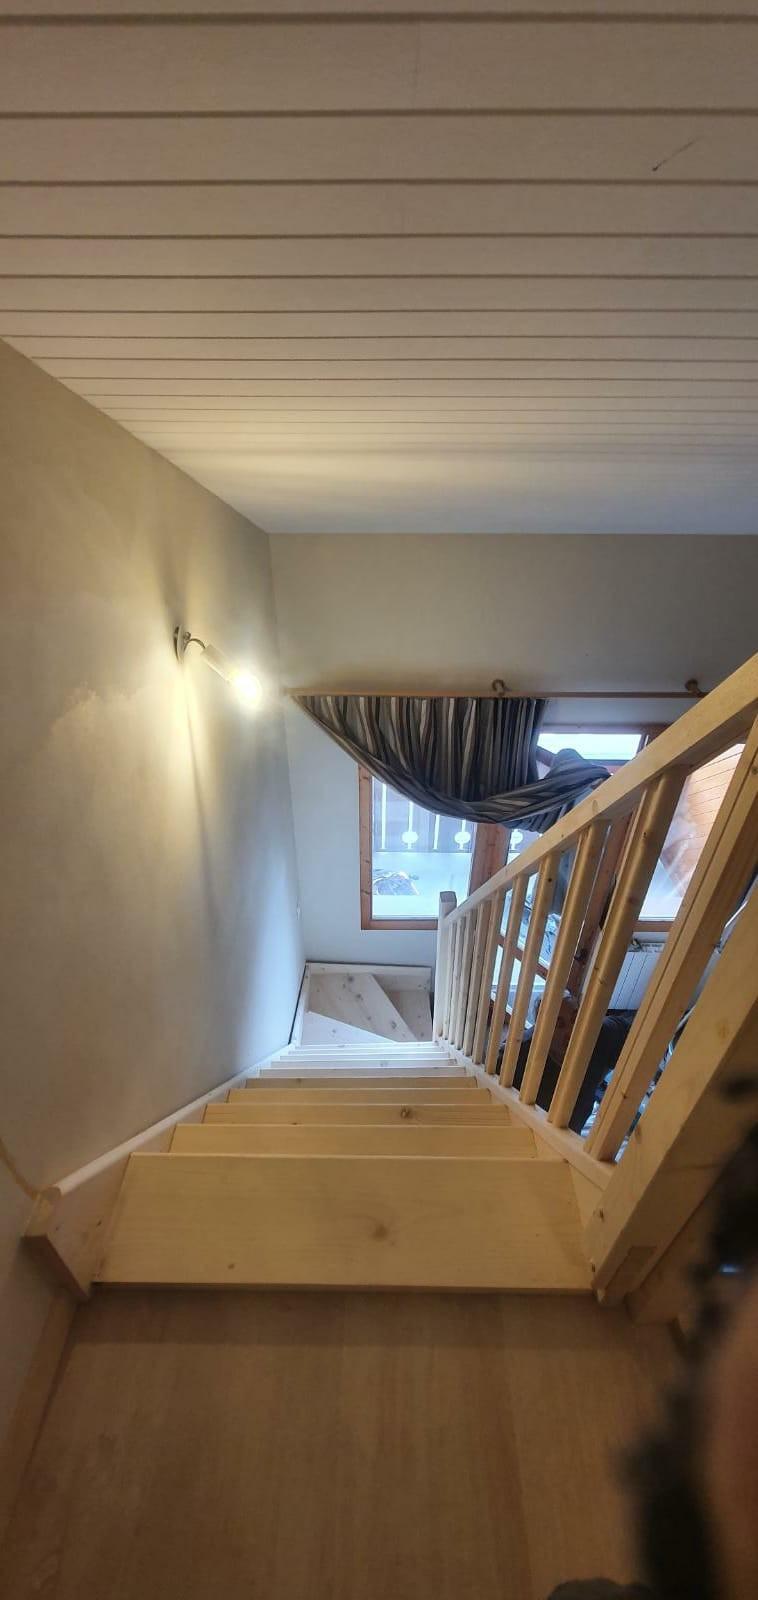 Escalier d'accès aux combles aménagées